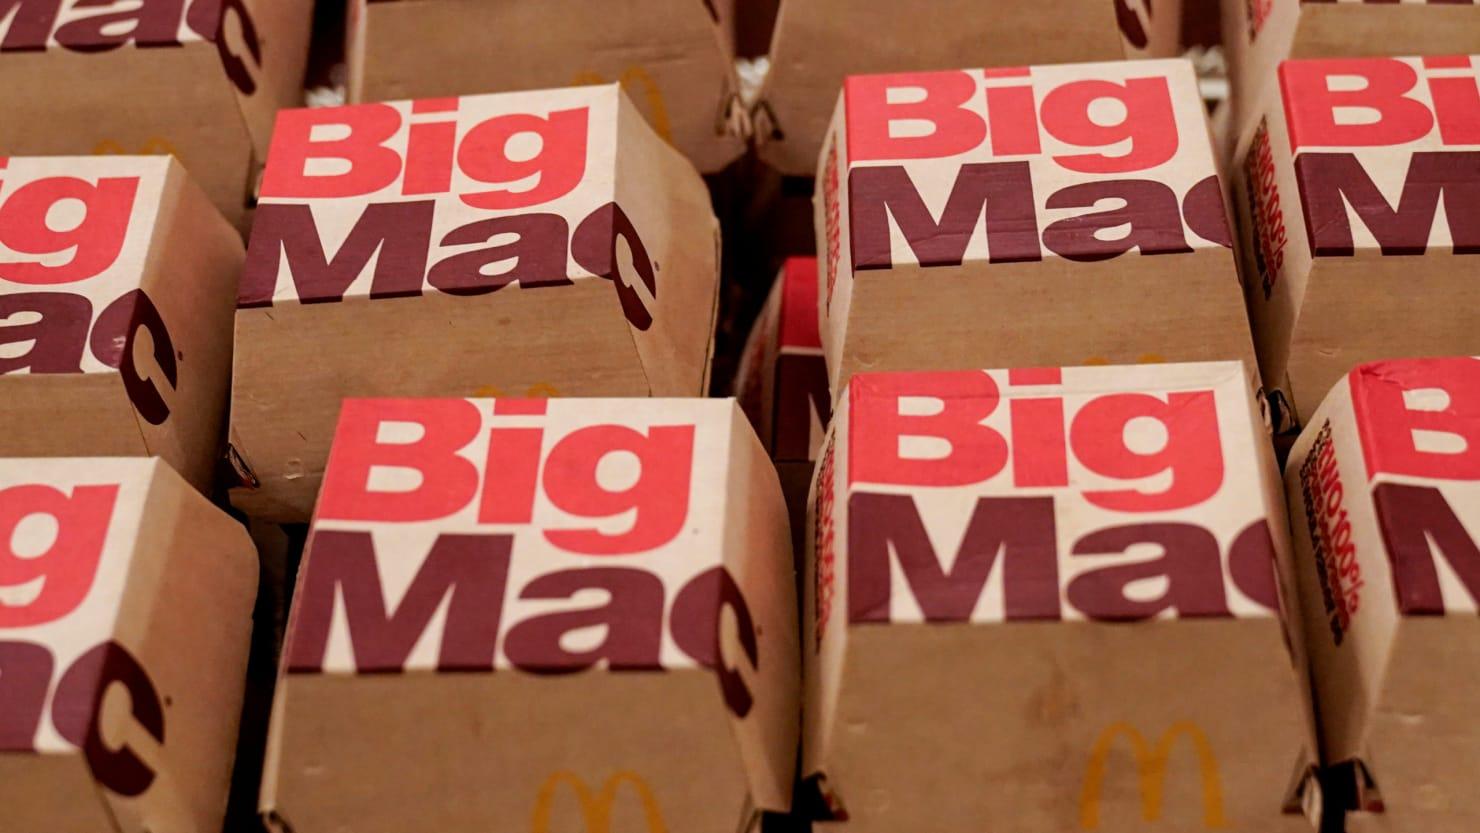 Big Mac name